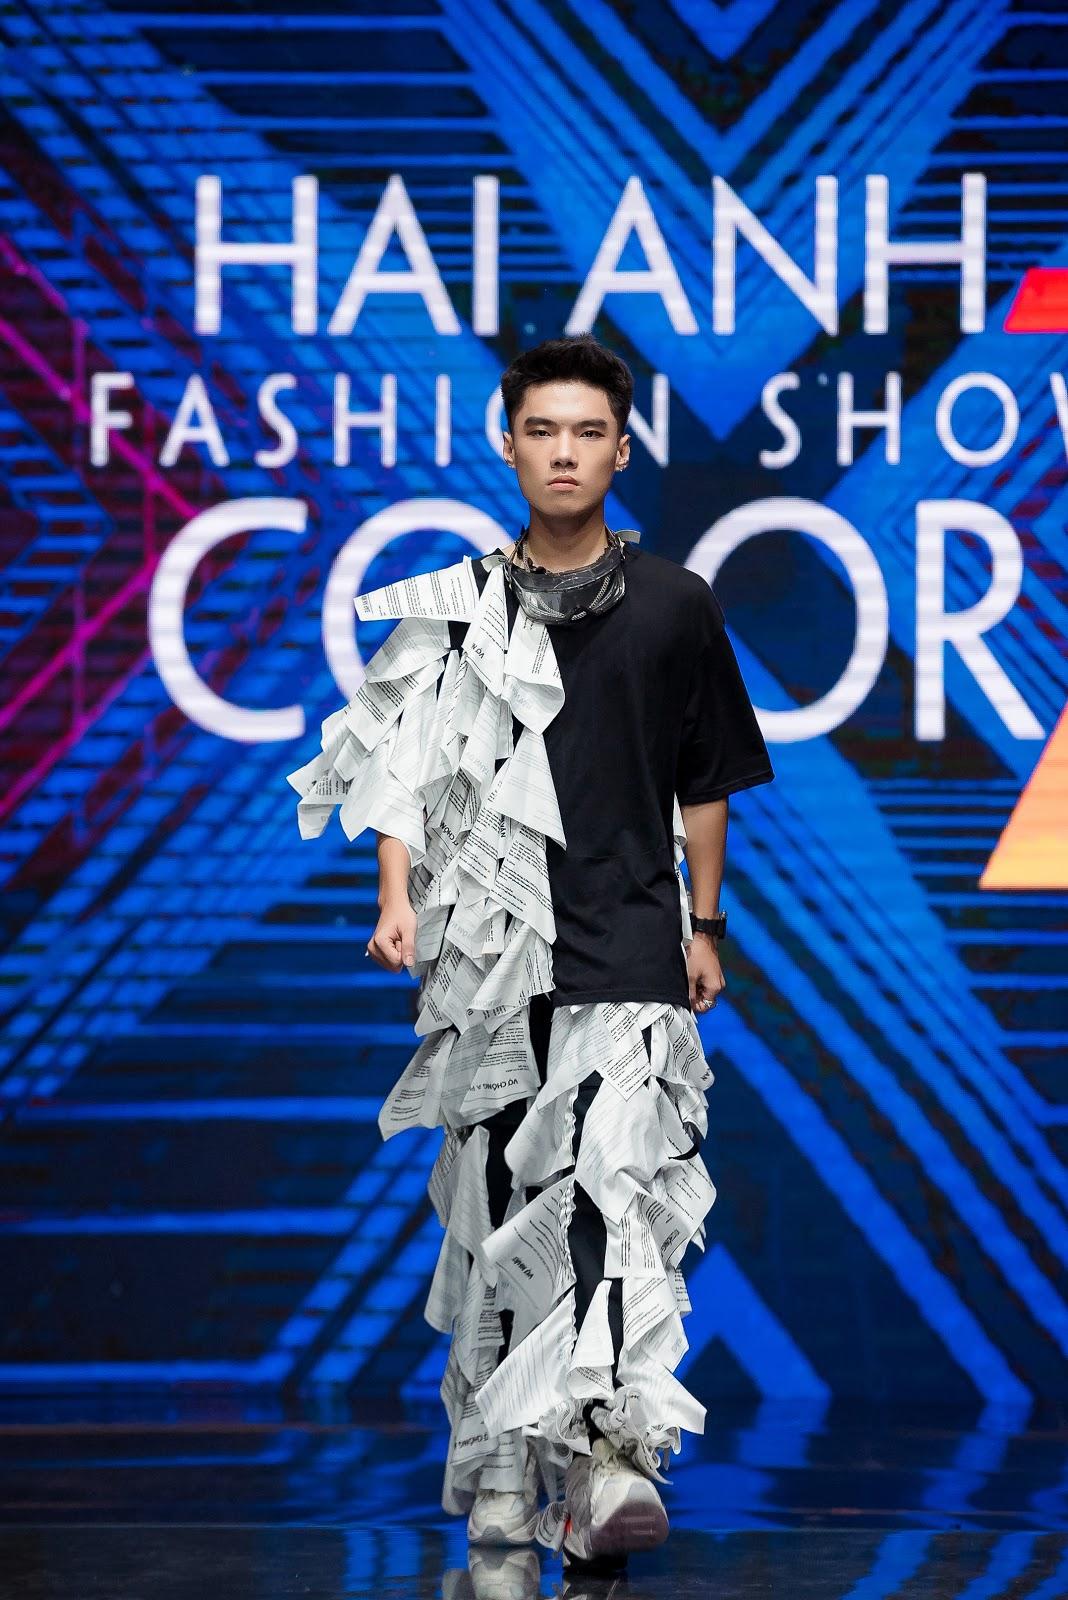 Chương trình Hải Anh Fashion show 2020 diễn ra tại Hà Nội. Sàn diễn được thiết kế với những hiệu ứng sân khấu độc đáo từ hàng trăm đèn led để làm tôn vinh lên tinh thần của bộ sưu tập.